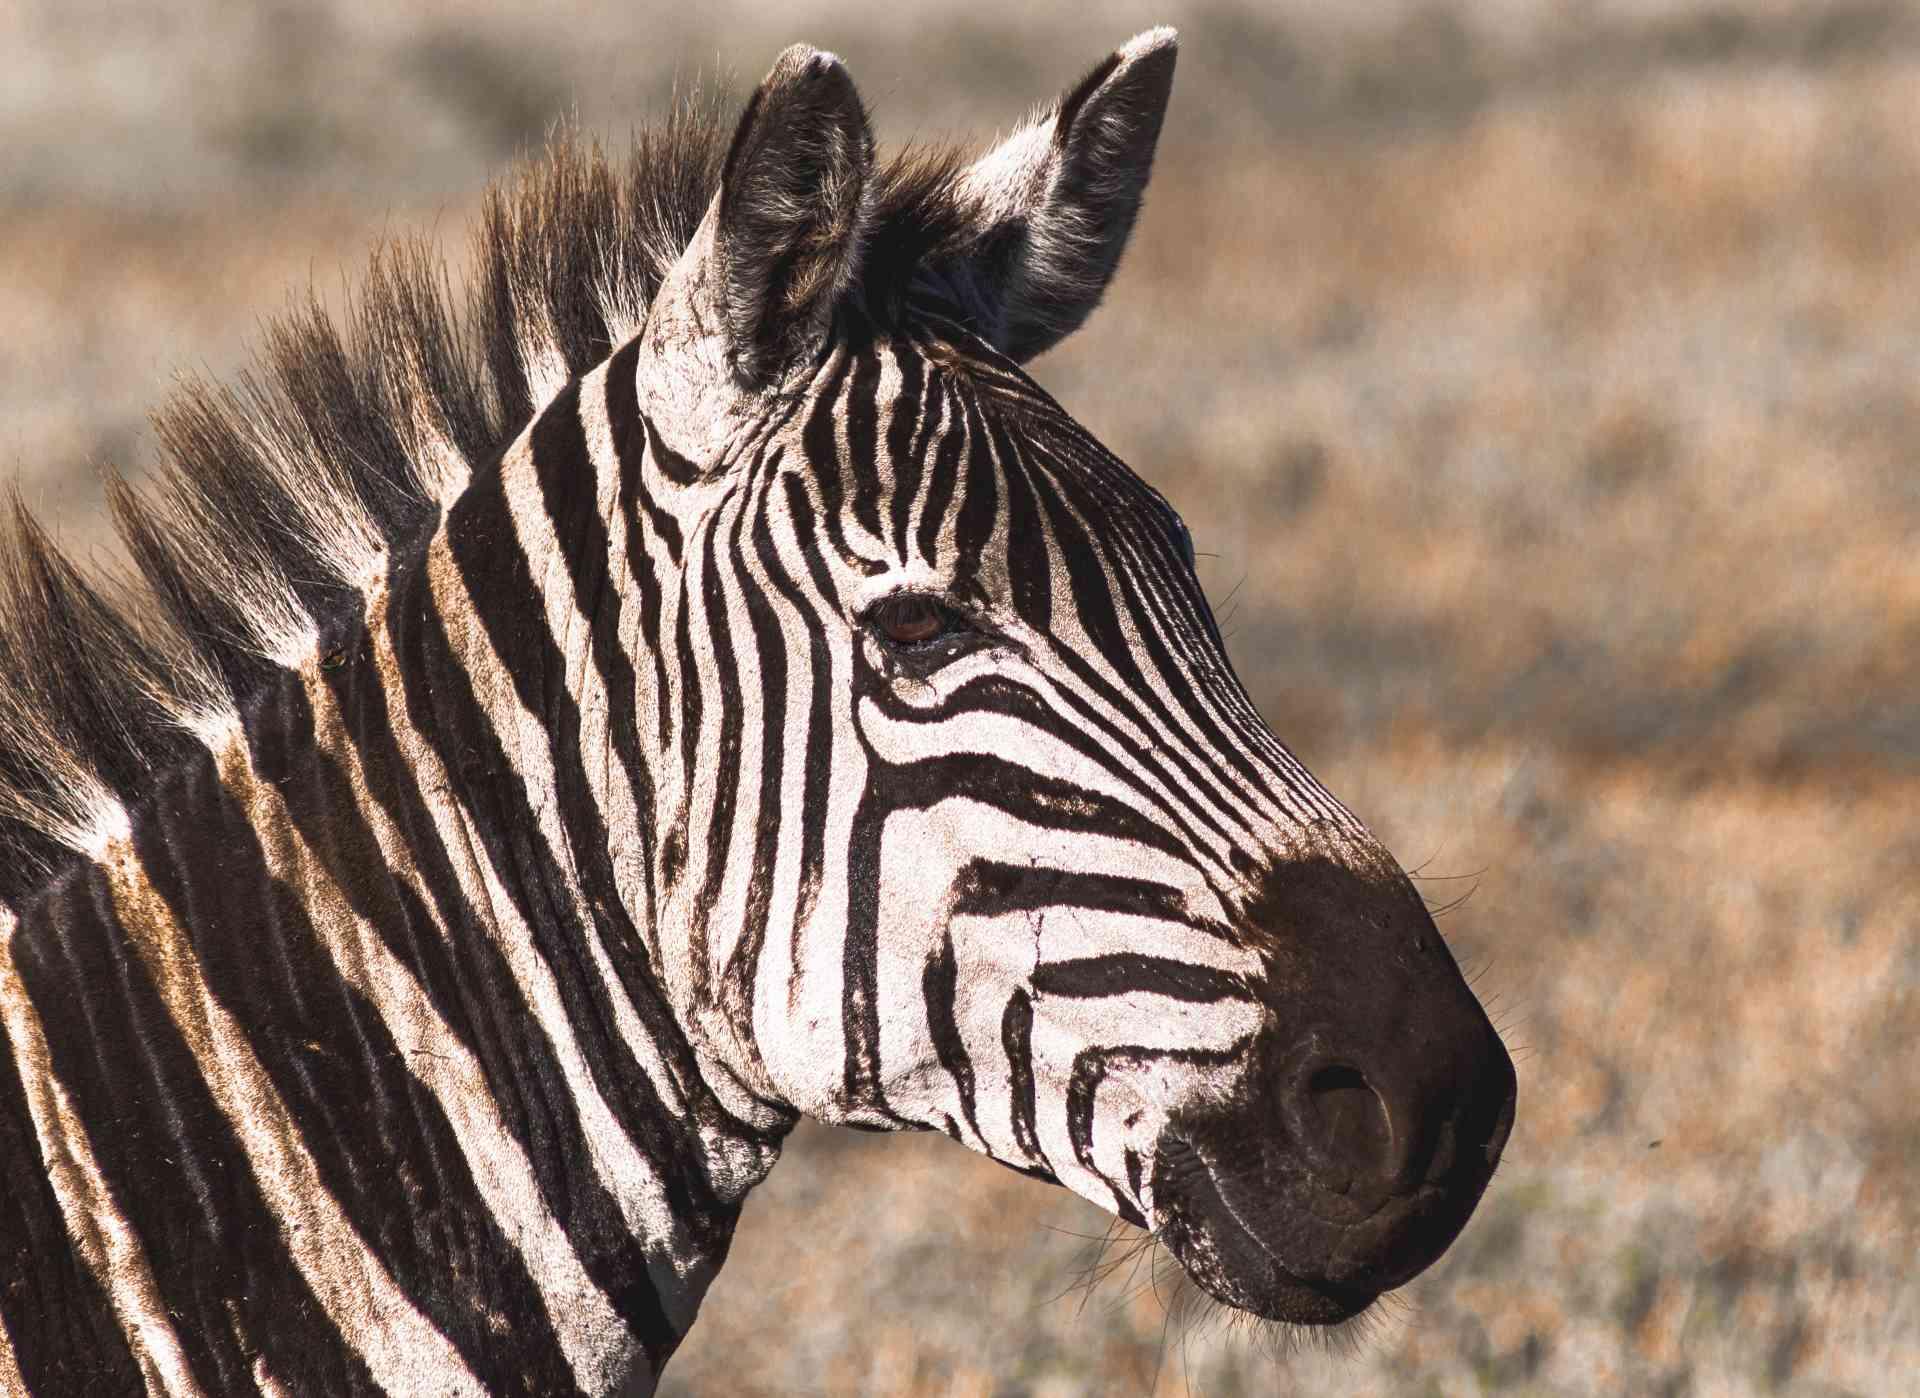 Zebra, Ngorongoro Crater by Chloe Marshman